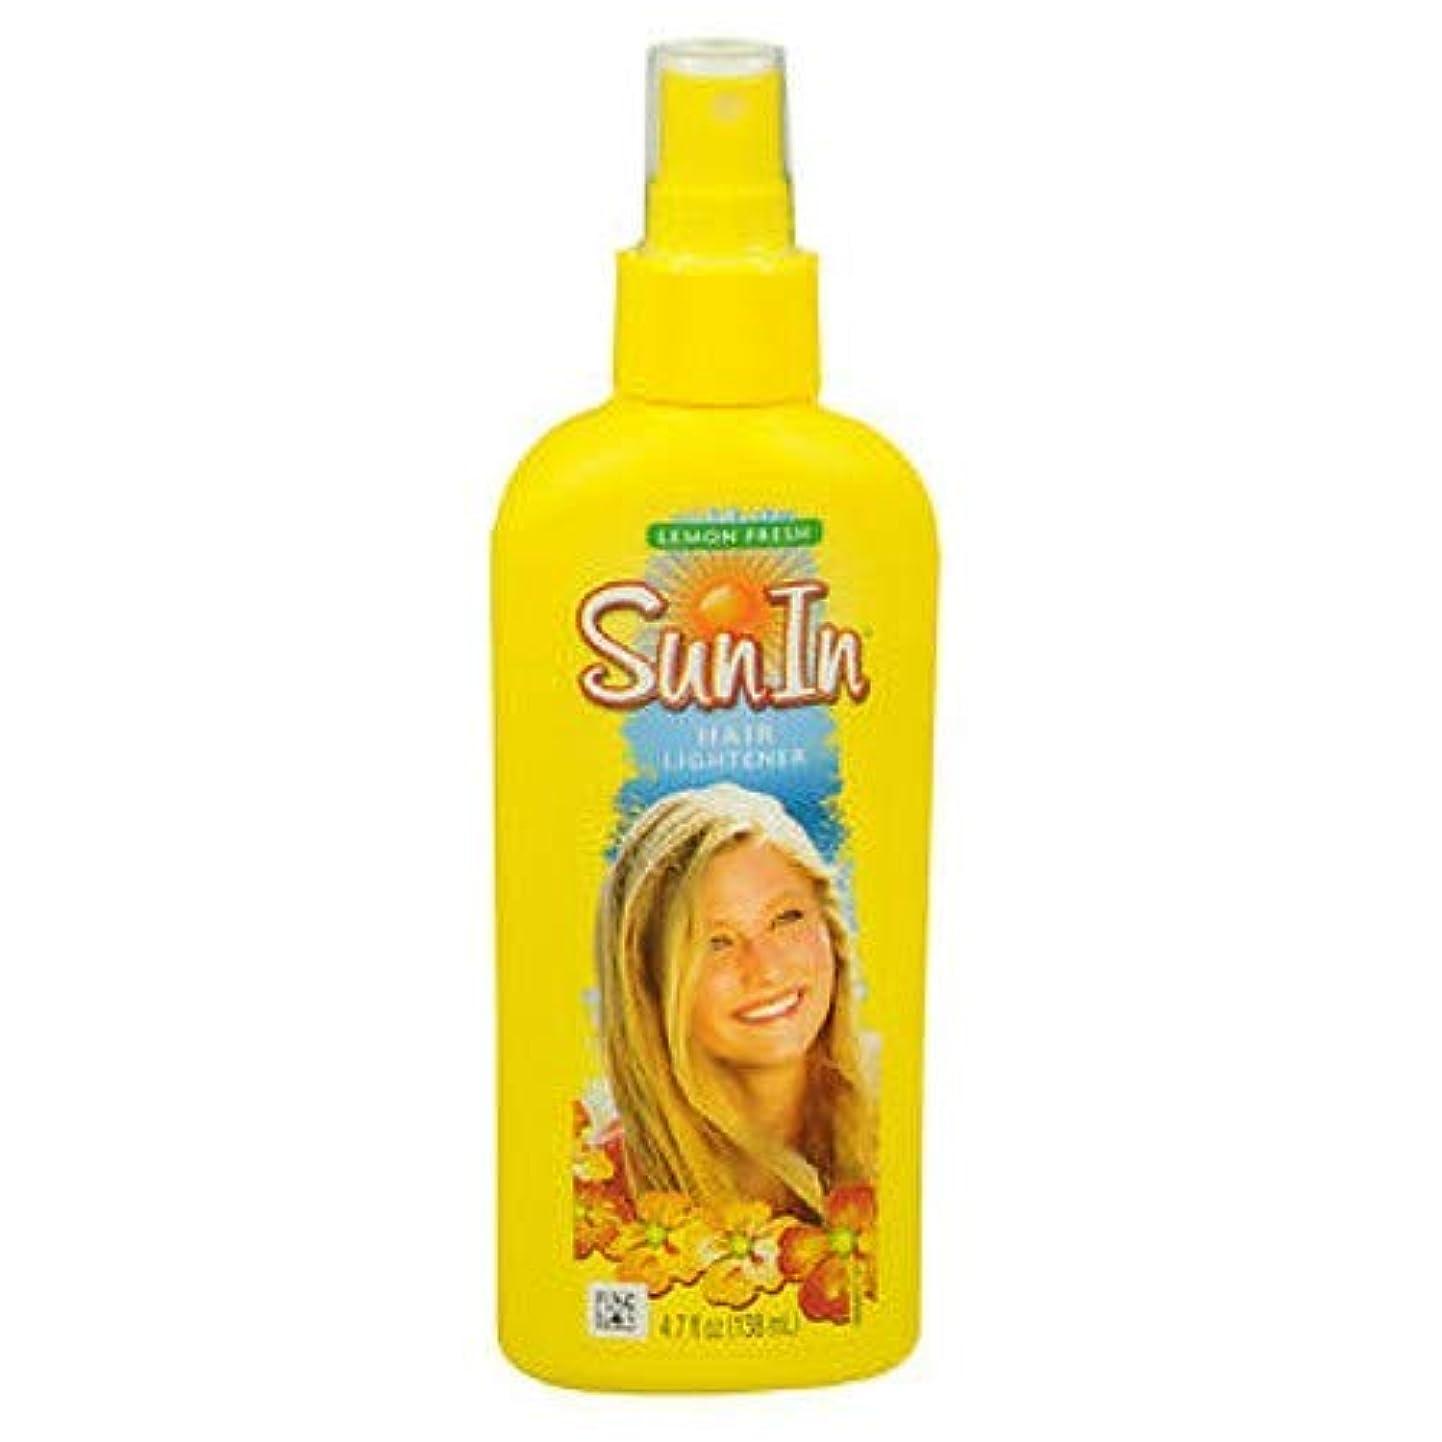 慈善かなりプラス海外直送品Sun-In Sun-In Hair Lightener Spray Lemon Fresh, Lemon Fresh 4.7 oz